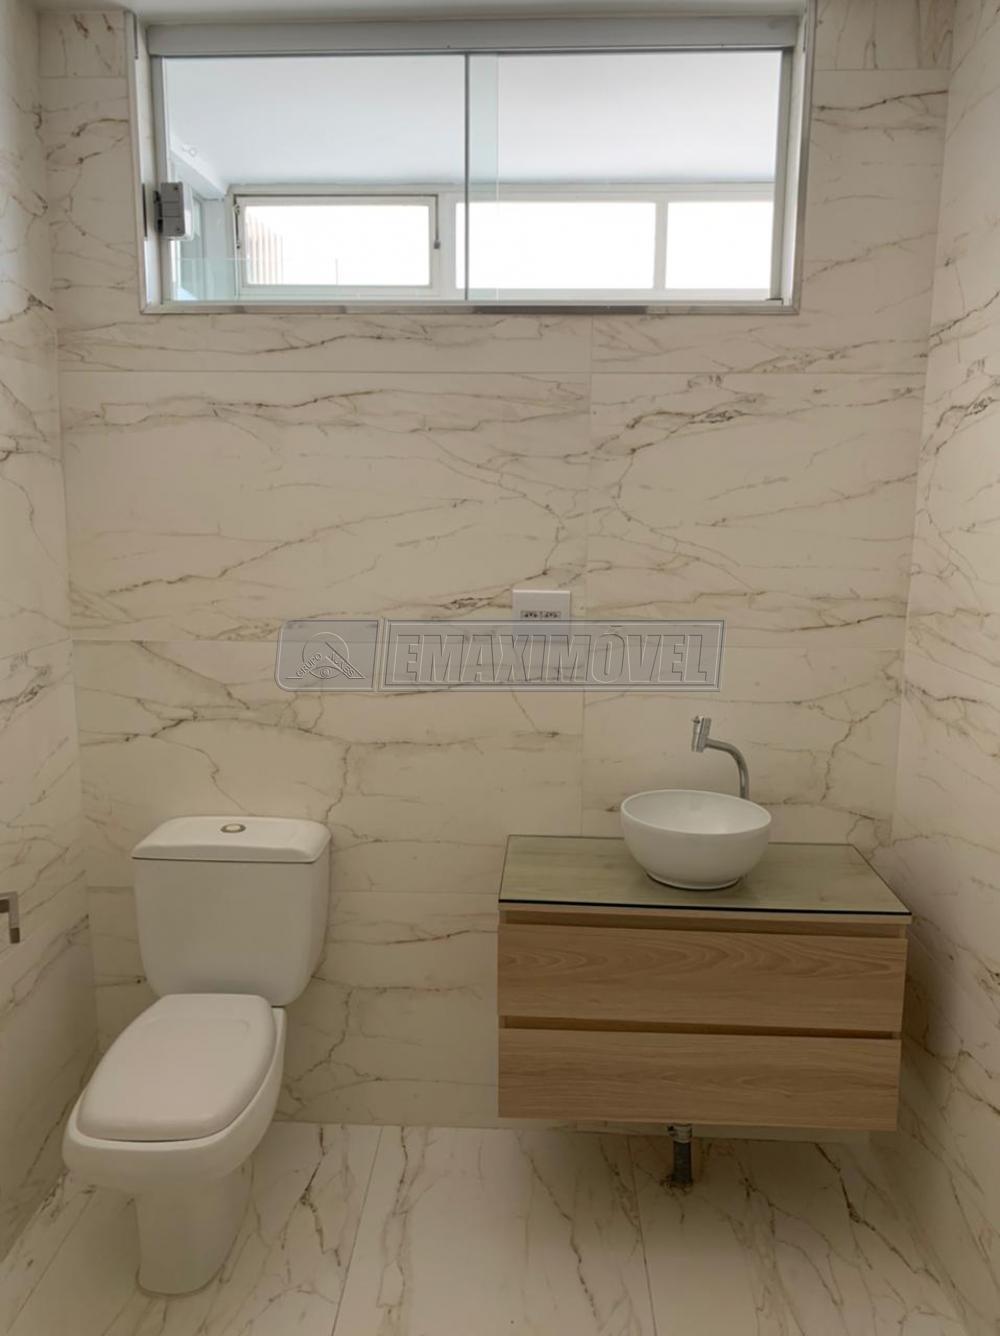 Comprar Apartamento / Padrão em Sorocaba R$ 420.000,00 - Foto 8